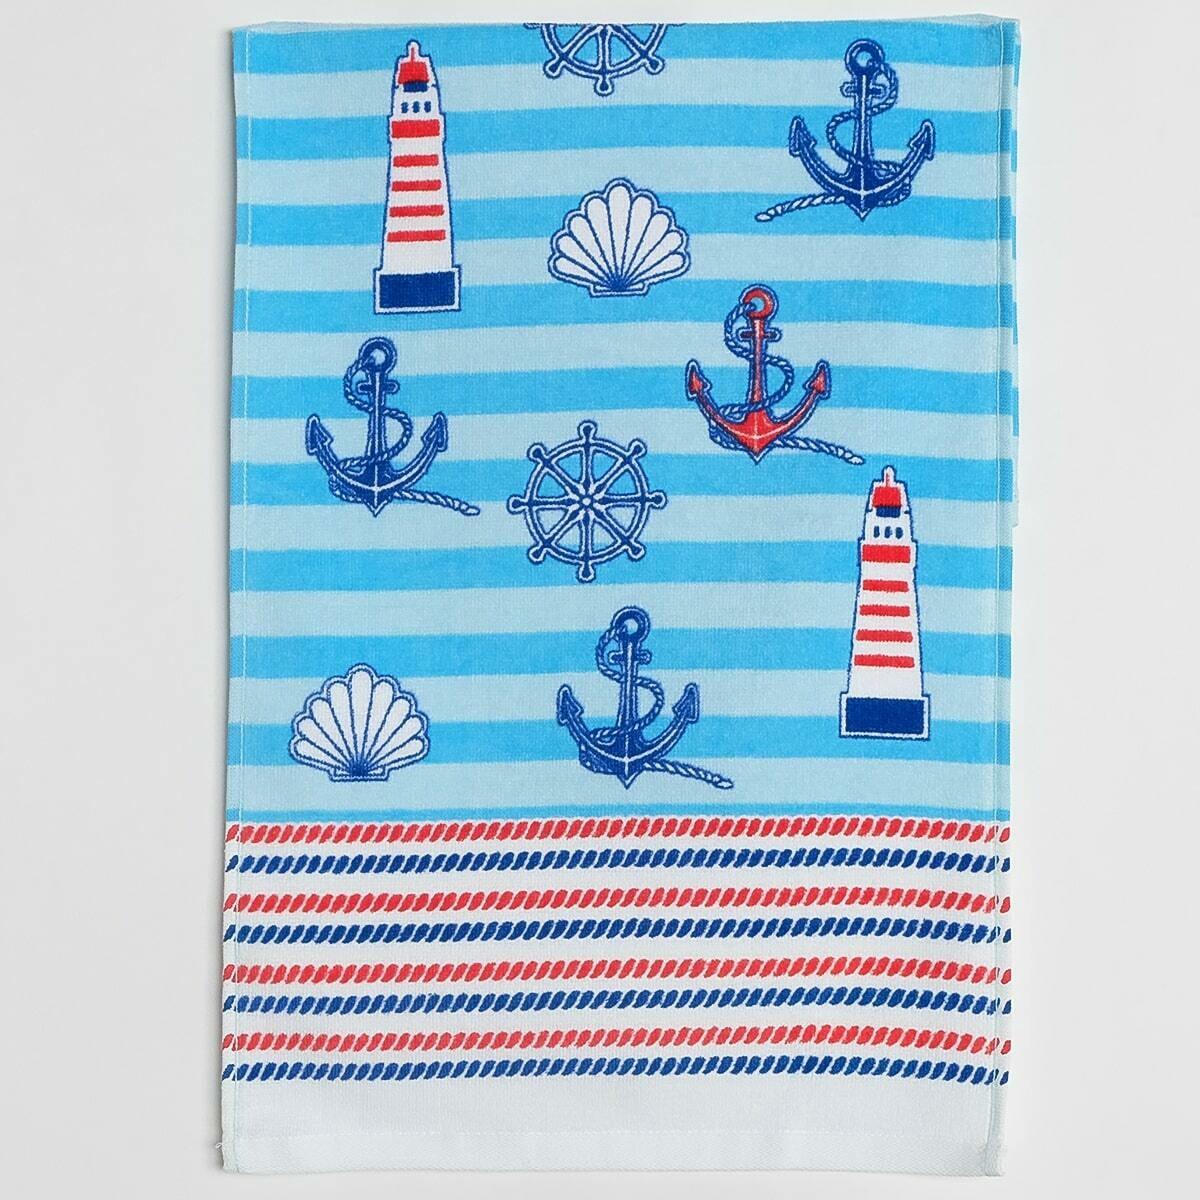 Махровое полотенце, 33*70 см, регата, синий